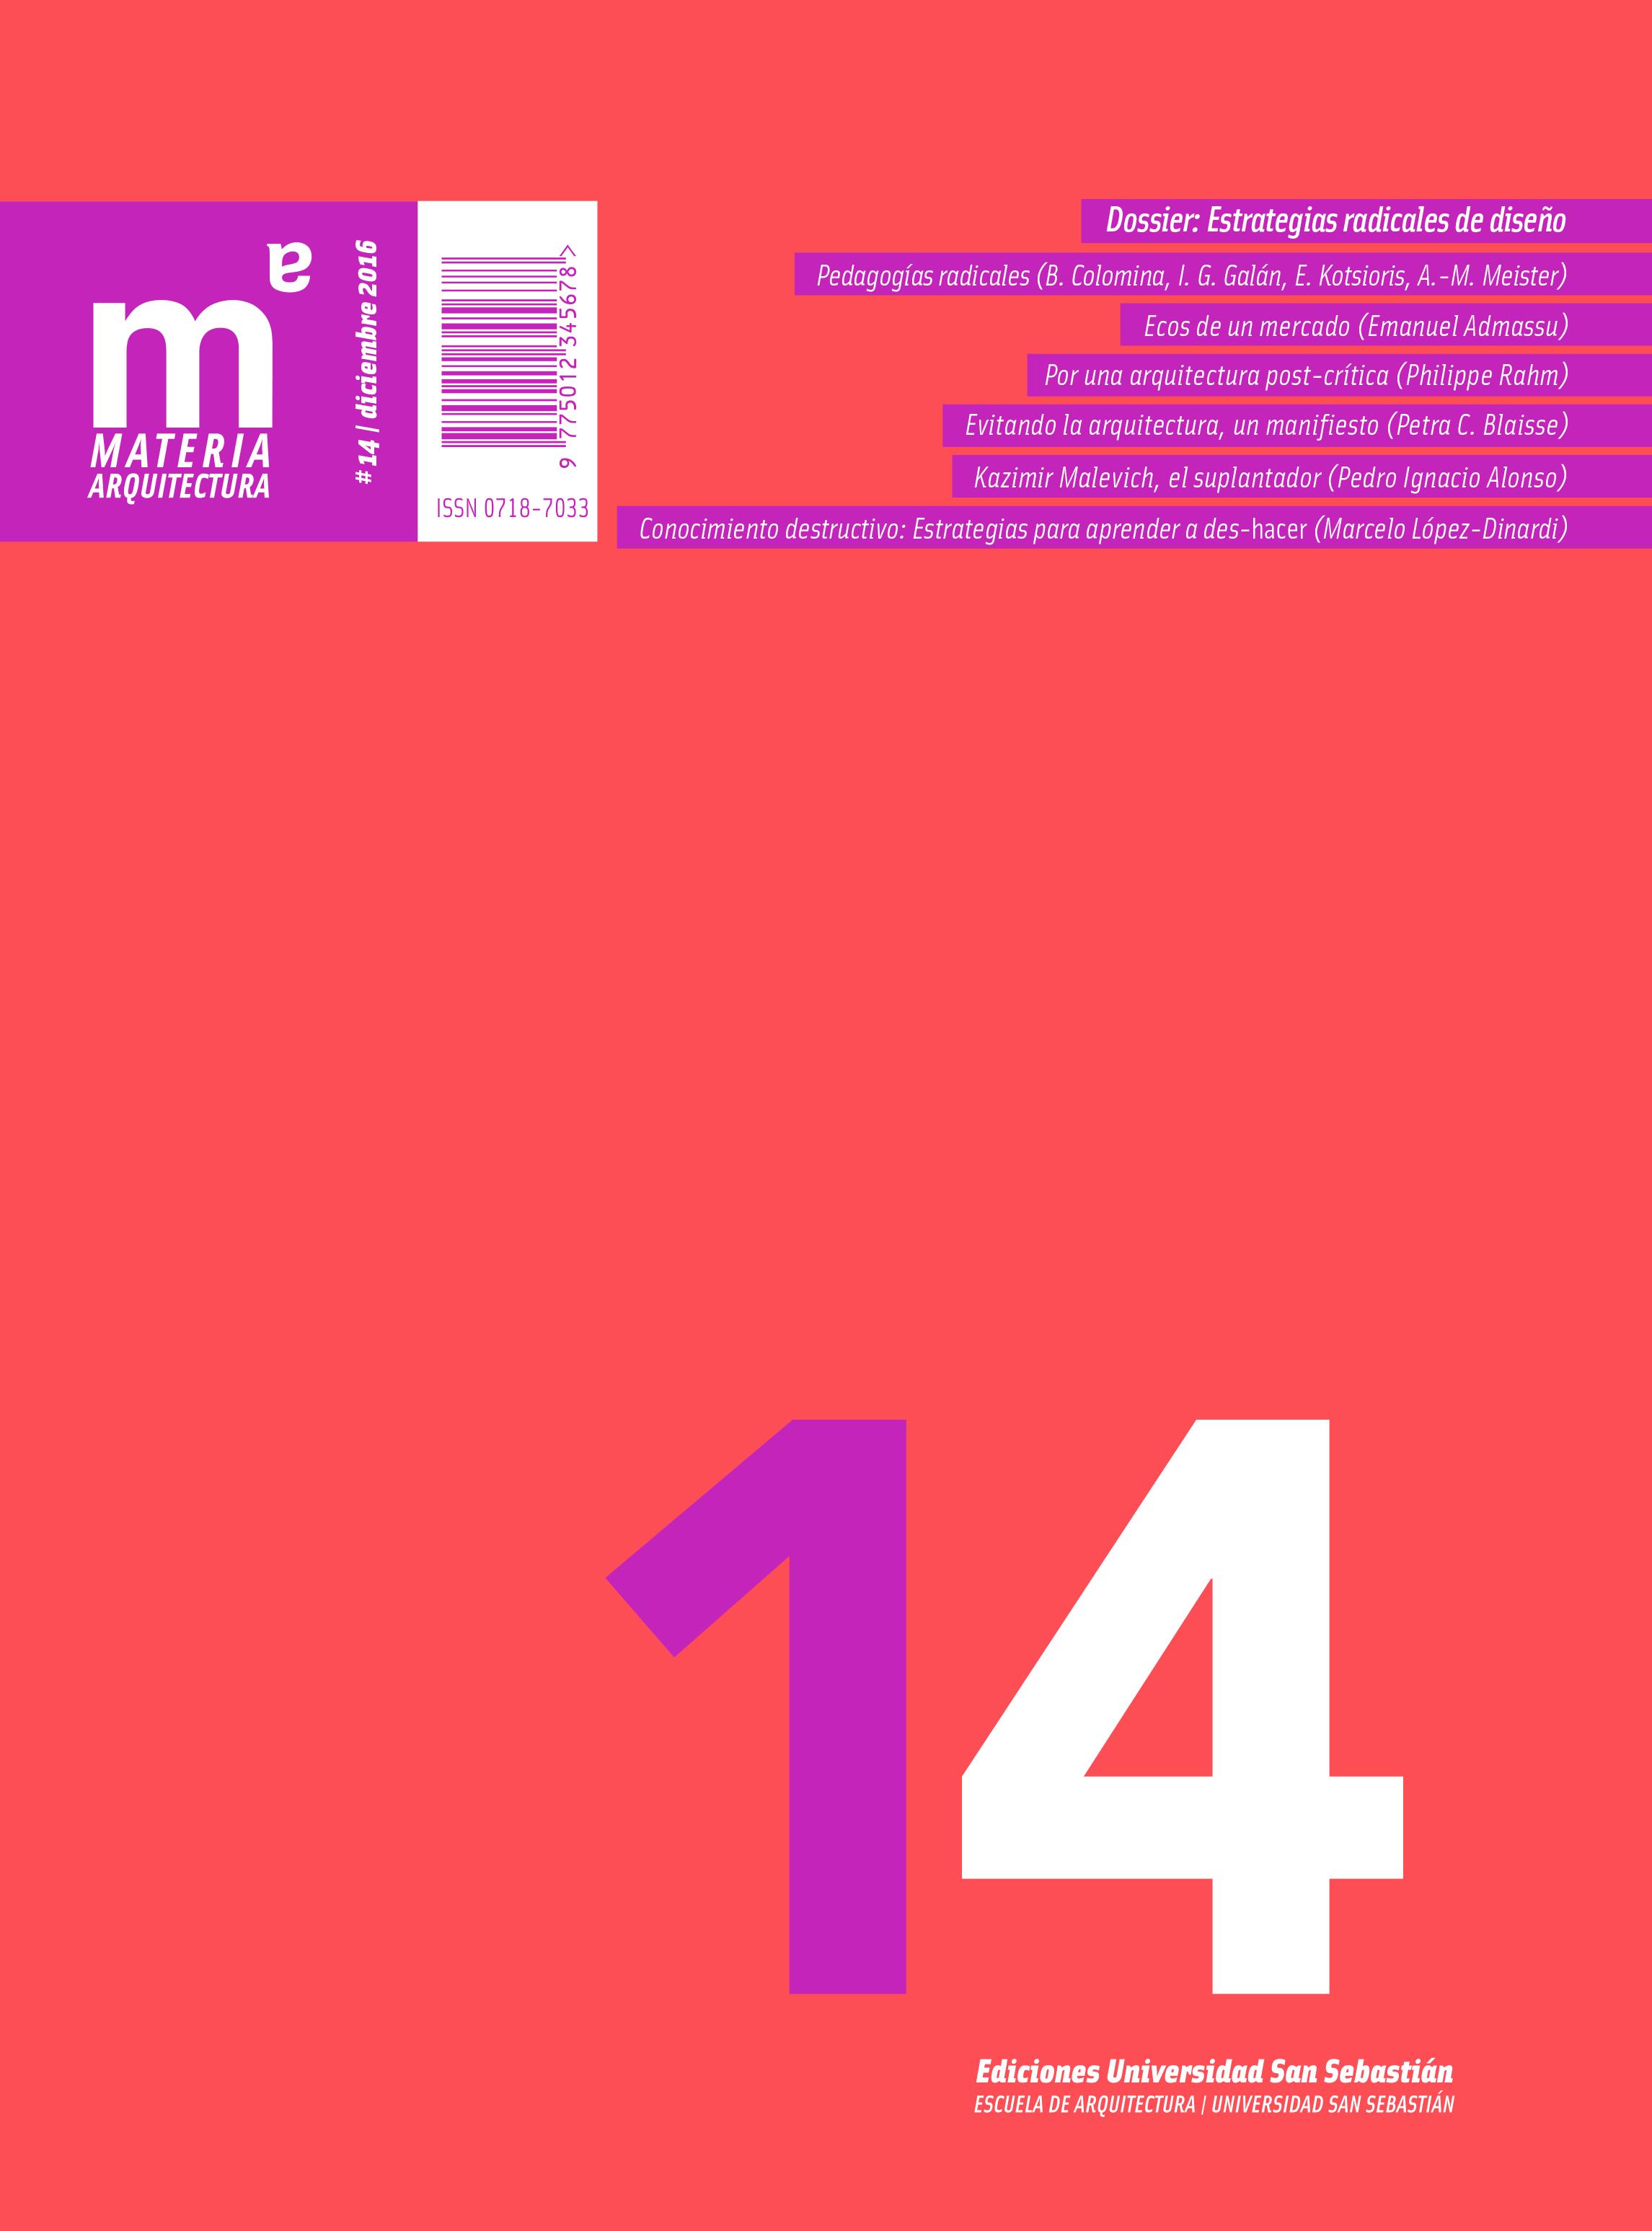 Portada revista numero 14 Materia Arquitectura USS